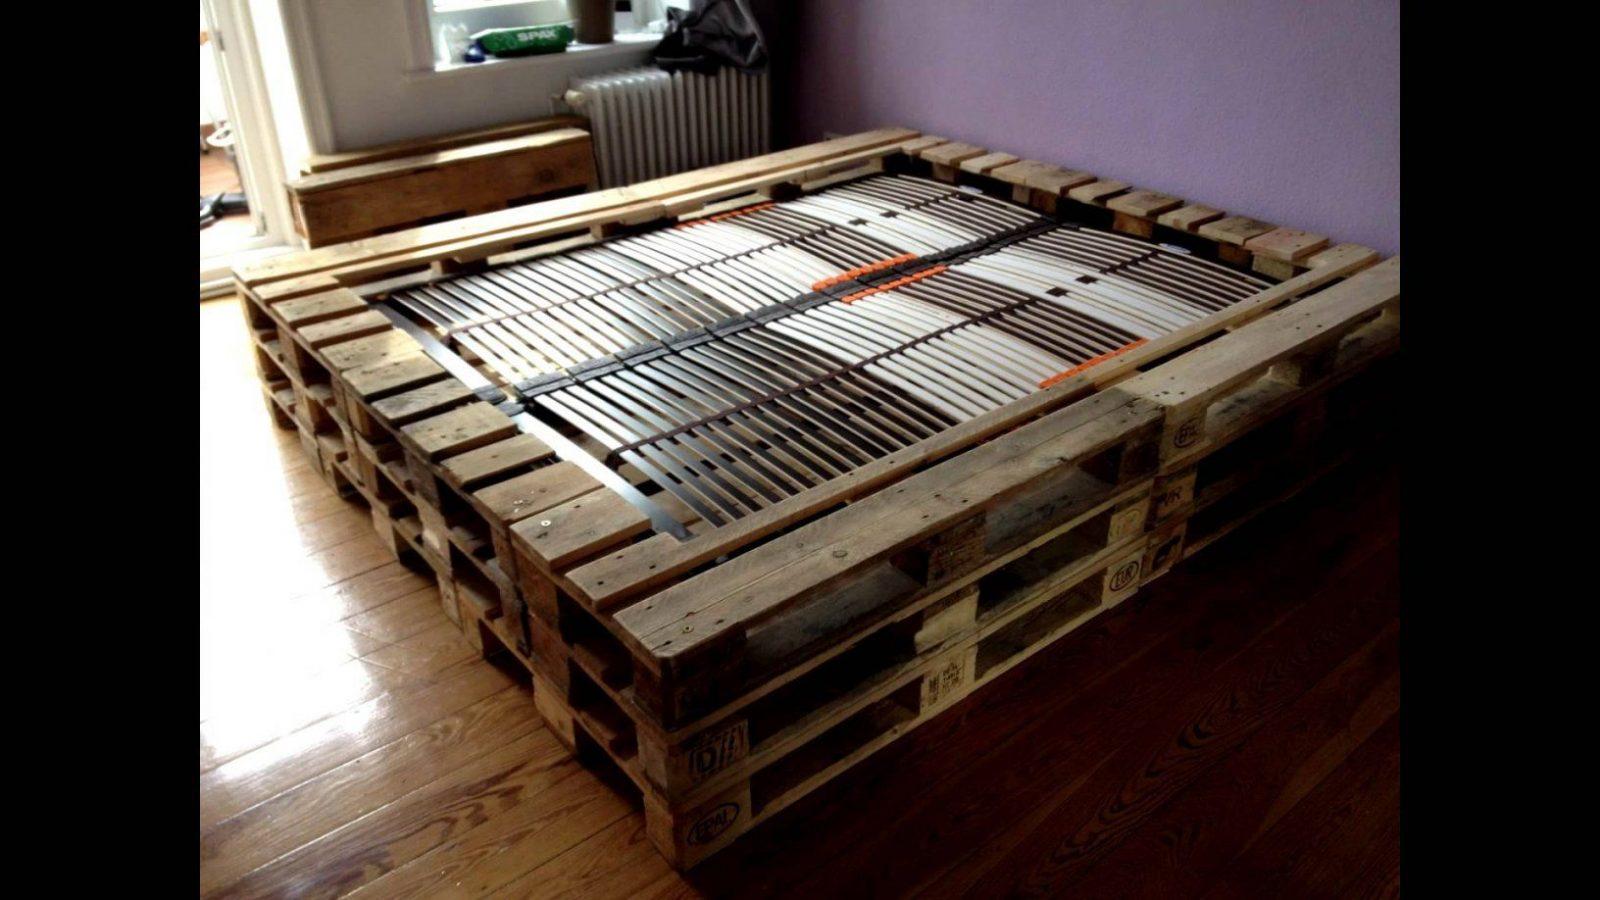 Doppelbett Aus Europaletten  Youtube von Bett Aus Europaletten 140X200 Anleitung Bild